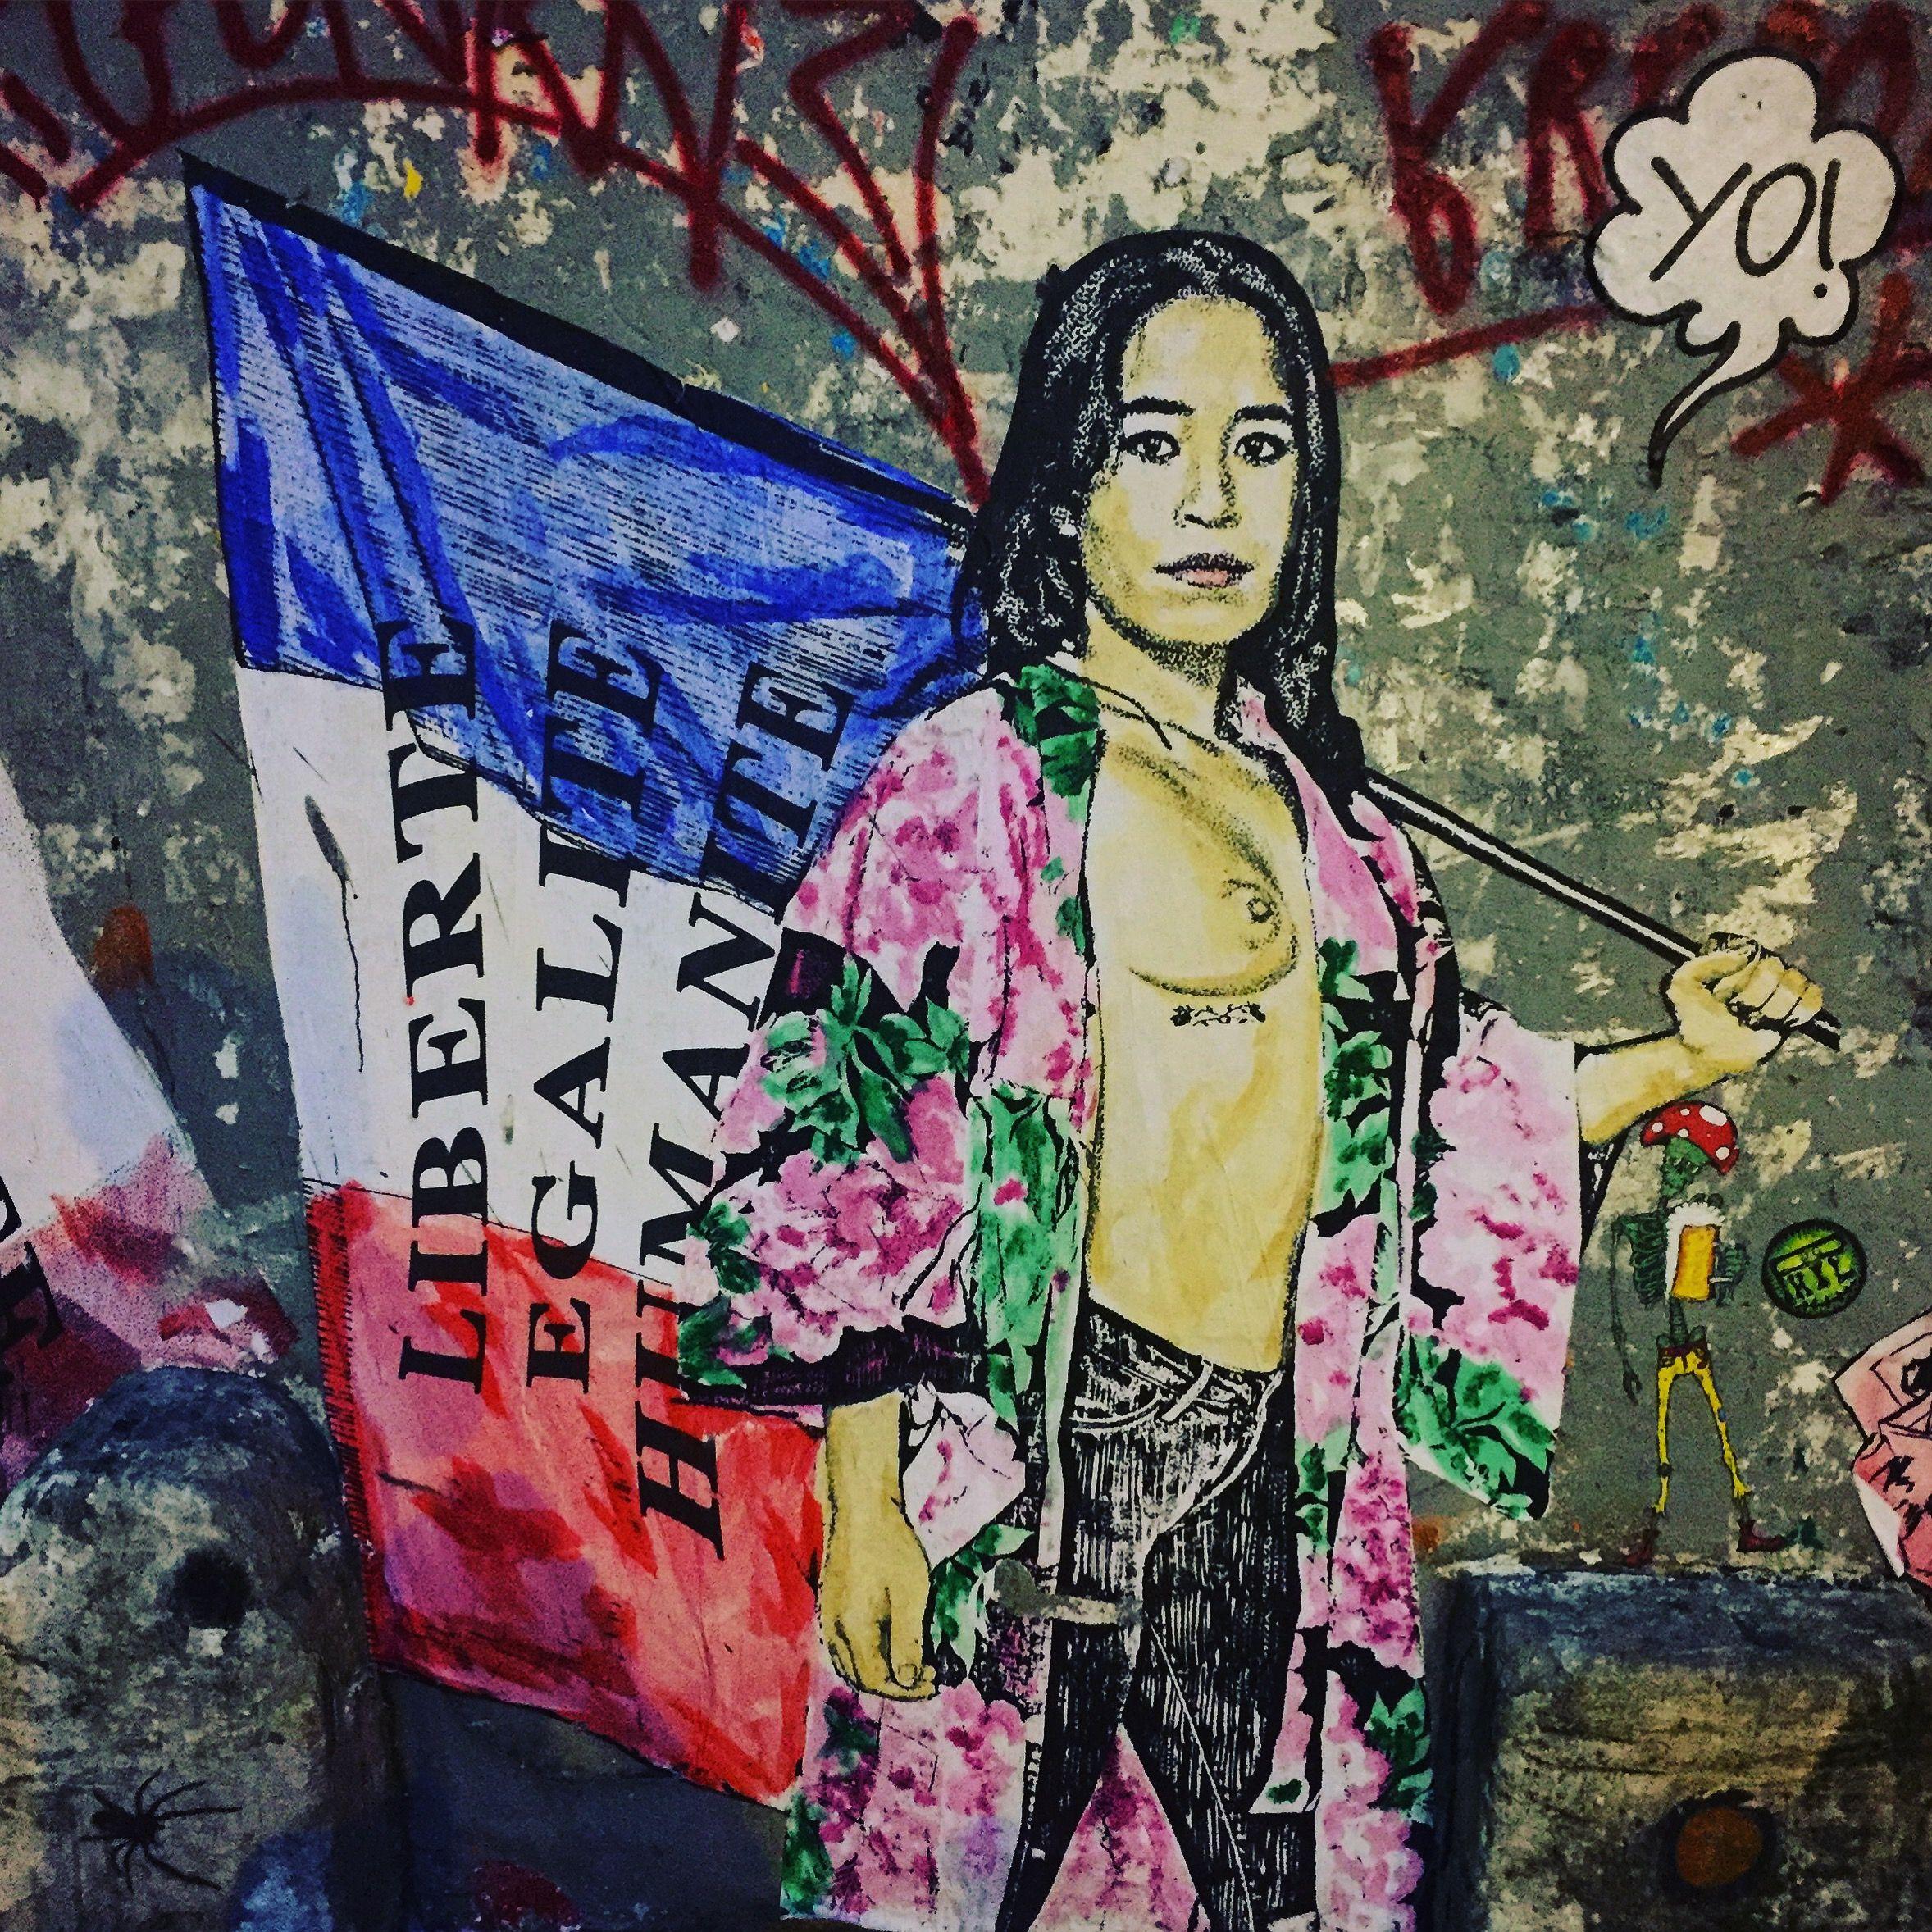 """""""Liberté, Égalité, Humanité"""" by @combo_ck #combock #culturekidnapper #streetart #graffiti #graff #spray #bombing #wall #sprayart #instagraff #urbanart #wallporn #pochoir #collage Rue Amelot #paris"""